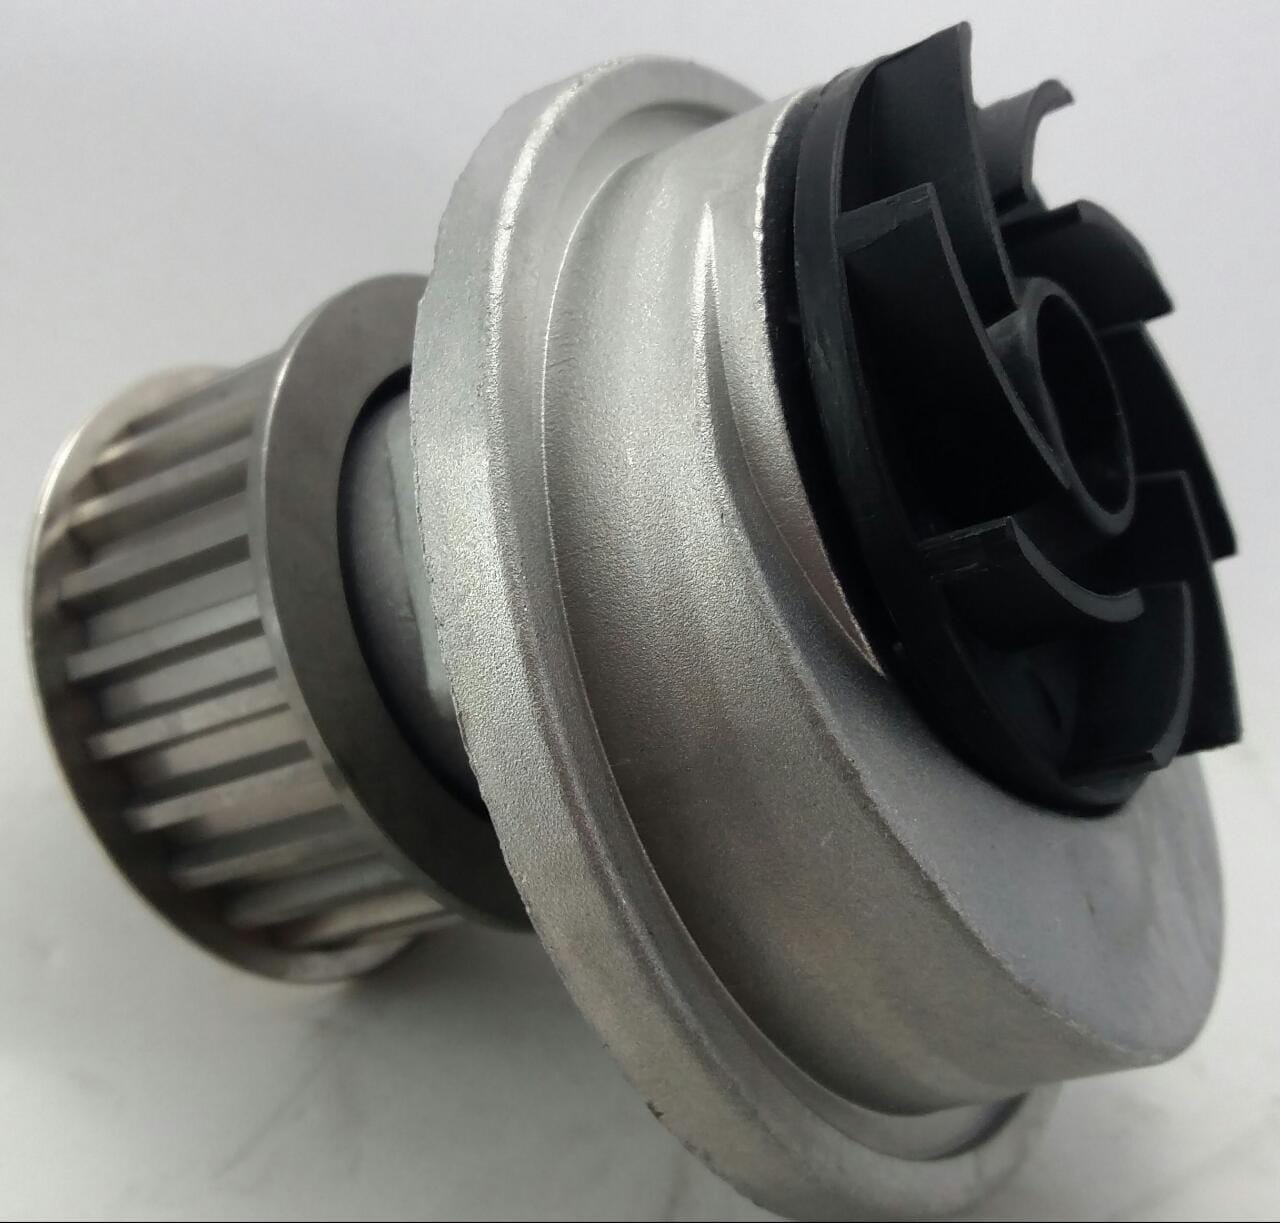 Bomba dagua Vectra 2.0/2/4 16V-Astra 2.0 16V - Zafira 2.0 16V-Carter-66157